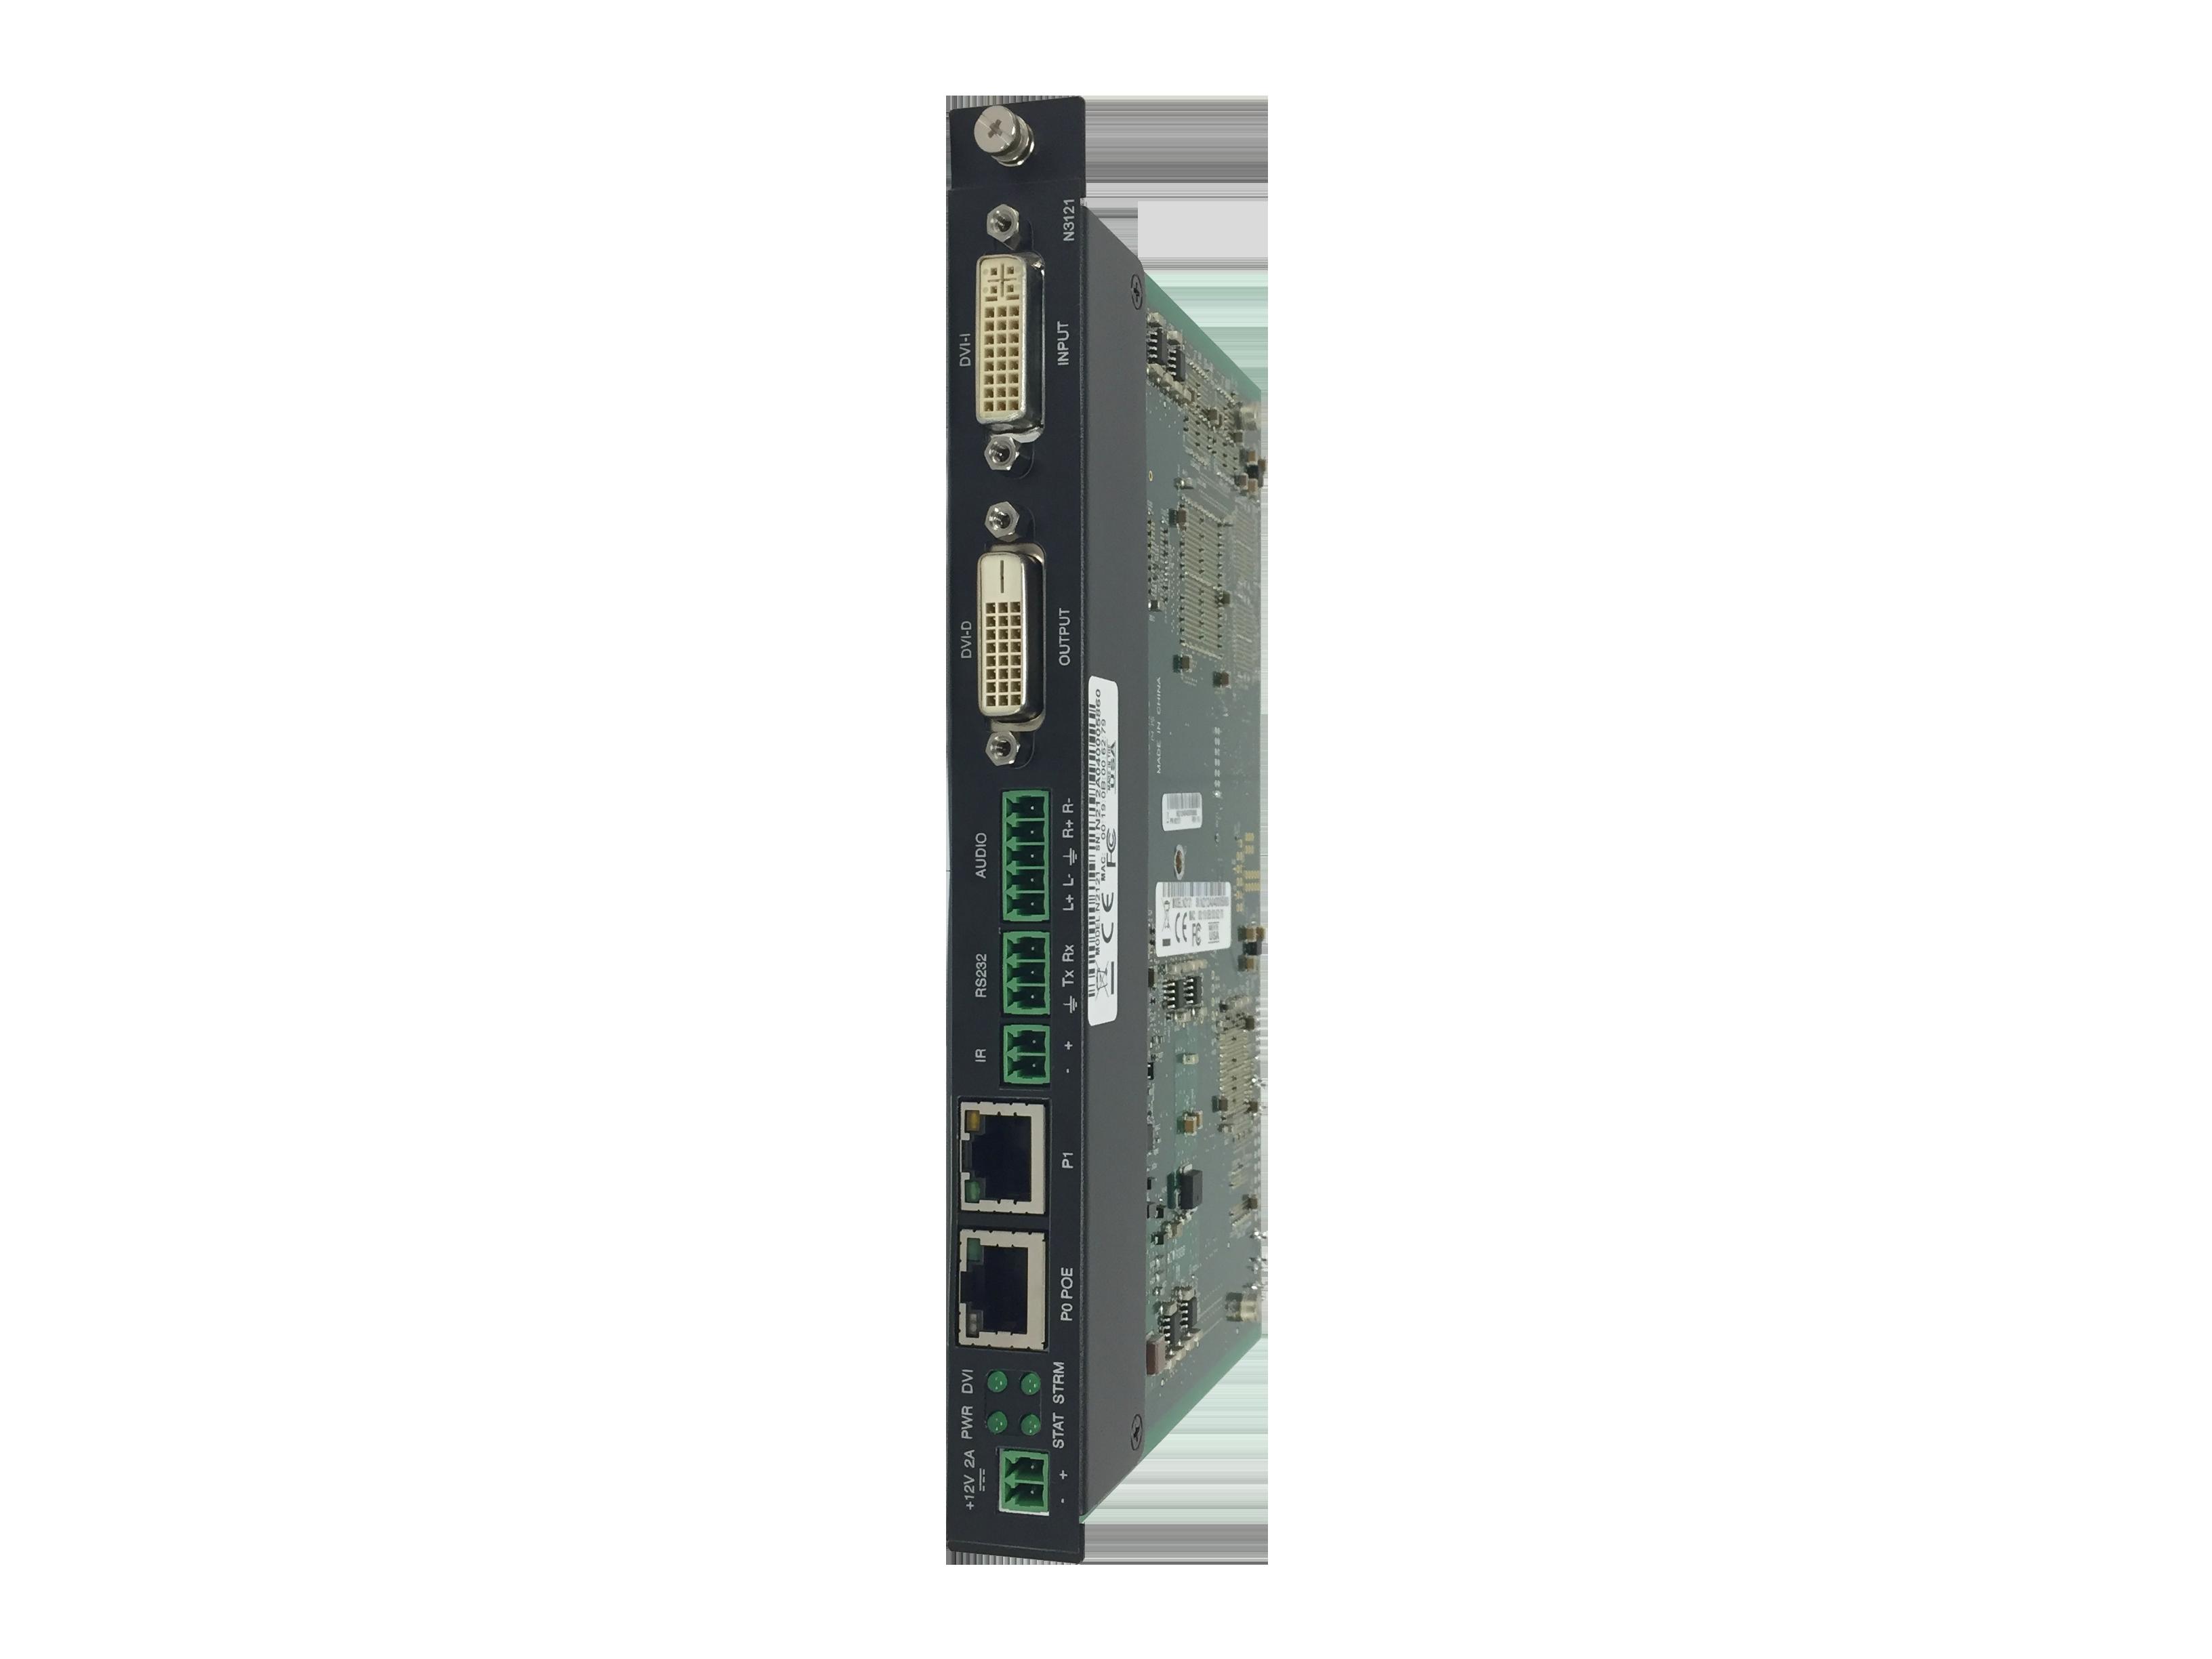 NMX-ENC-N3121-C Front